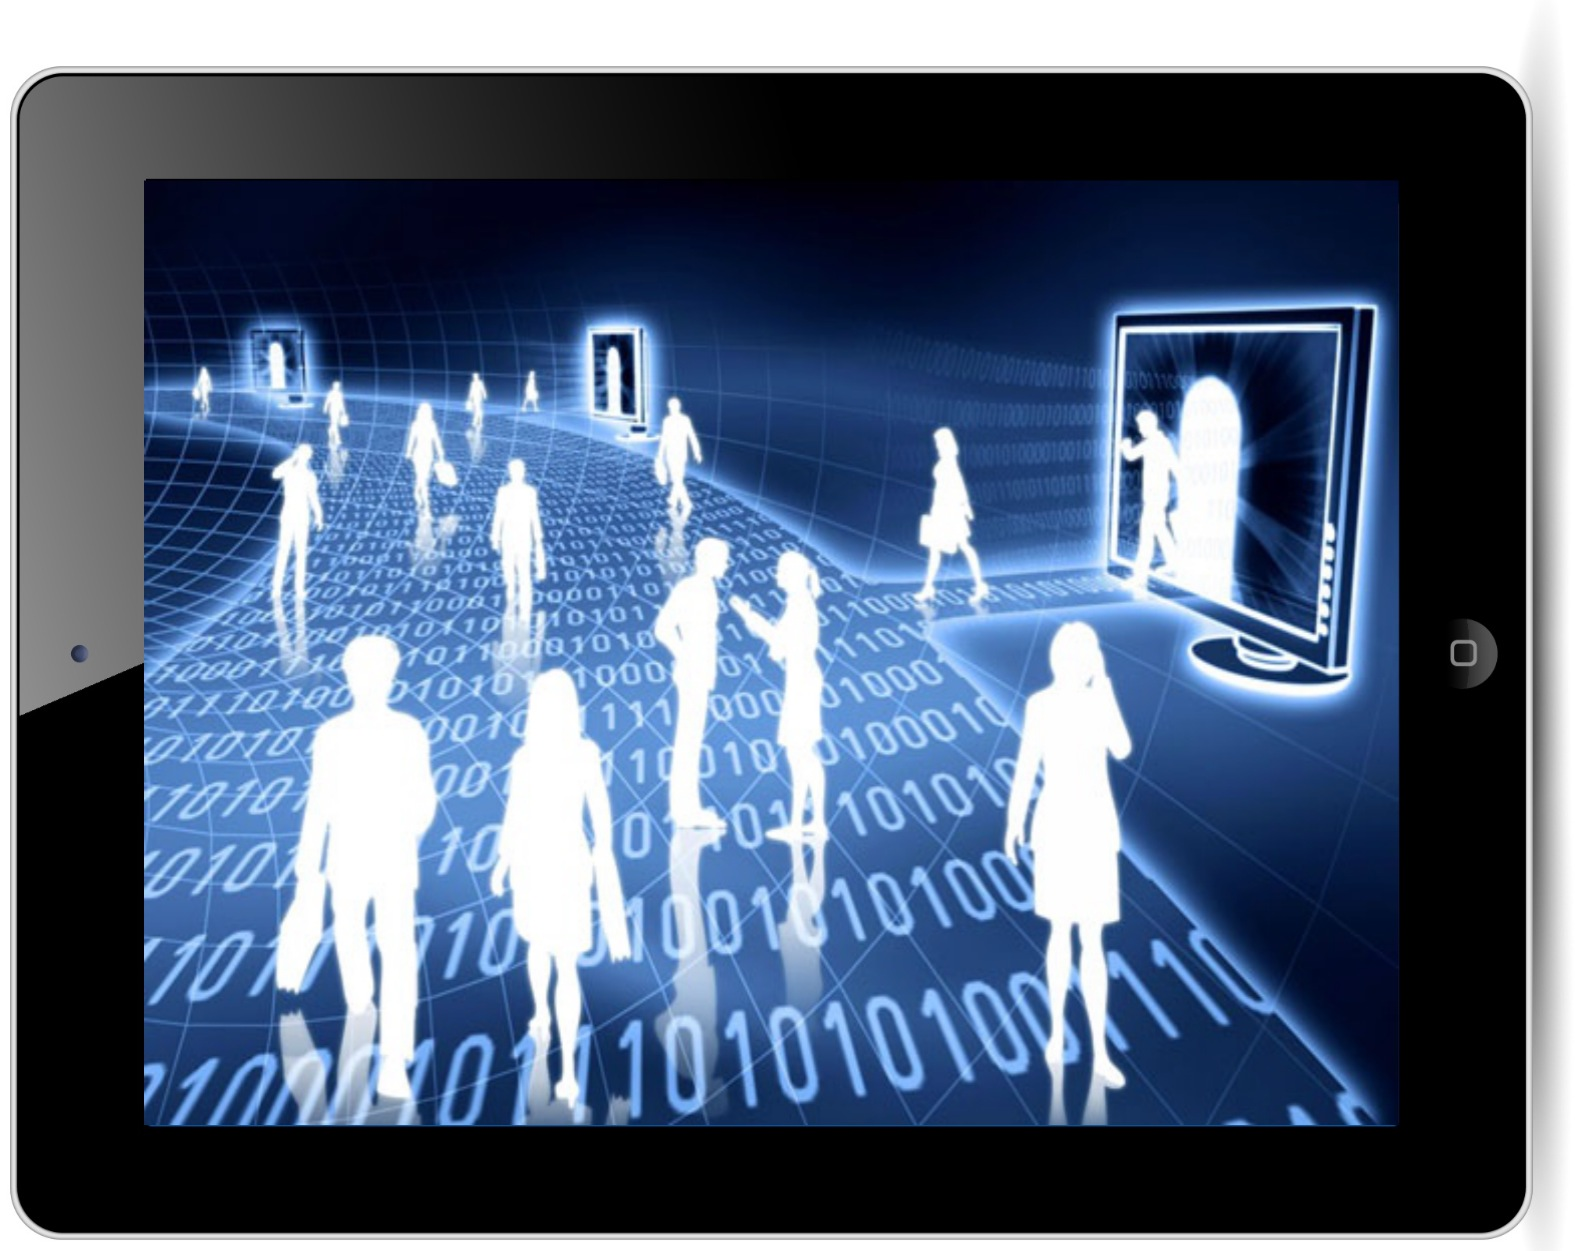 Se espera que los tablets generen más tráfico web que los smartphones